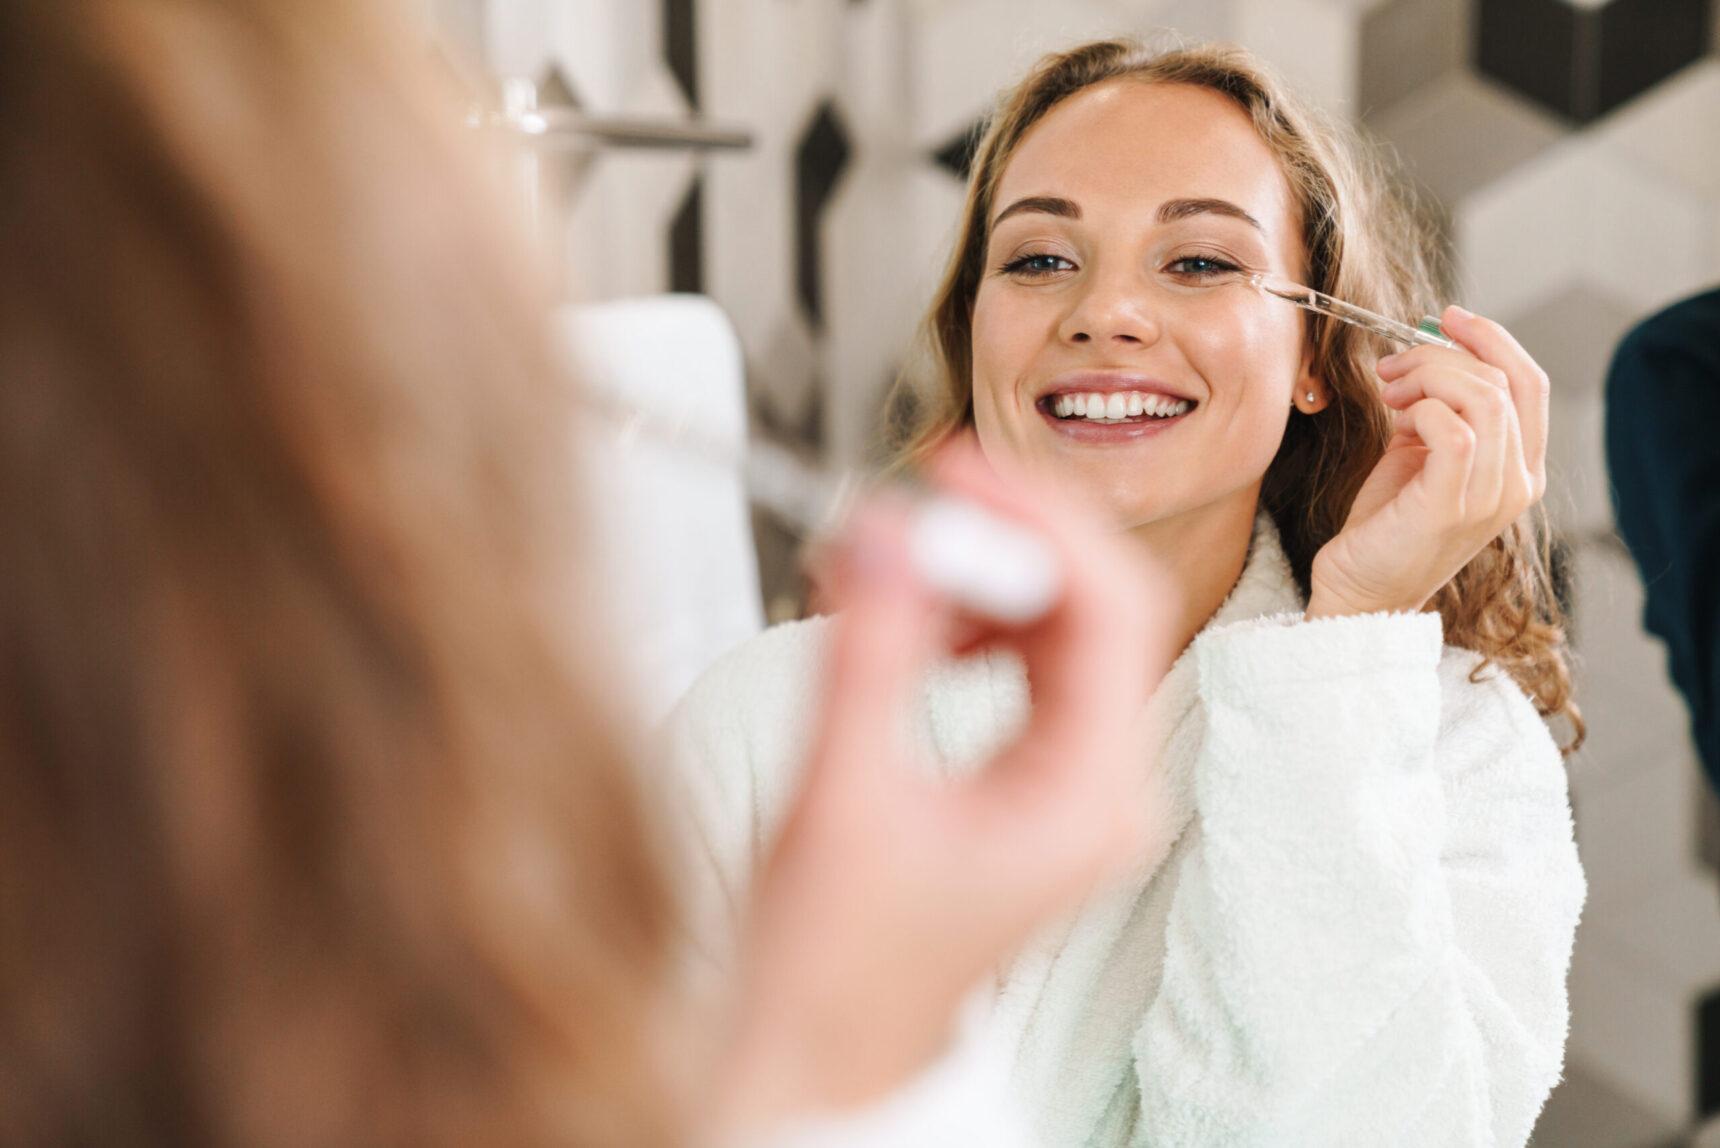 Olejek rycynowy na włosy, skórę i paznokcie – poznaj tajniki totalnego nawilżenia!